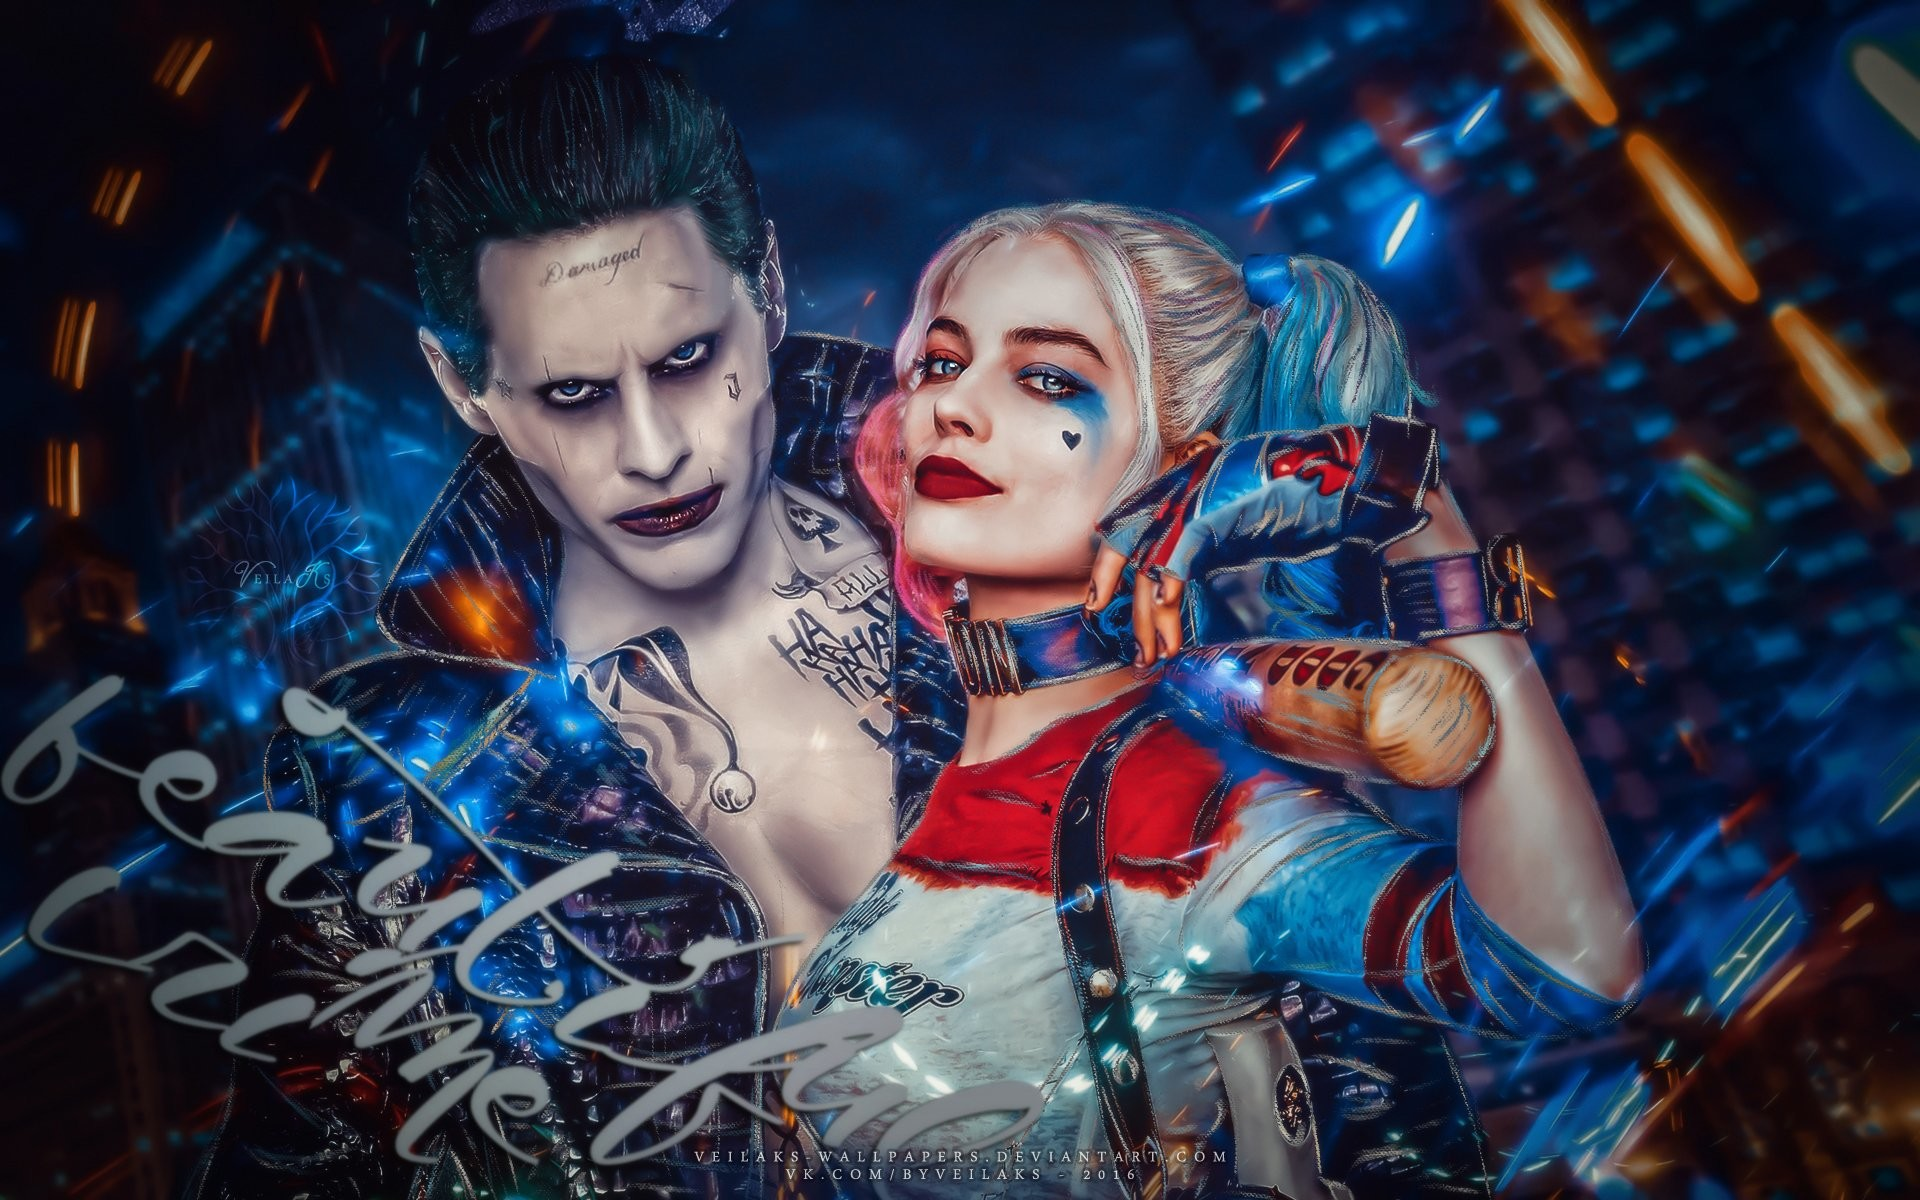 Joker Harley Quinn Wallpaper 72 Images